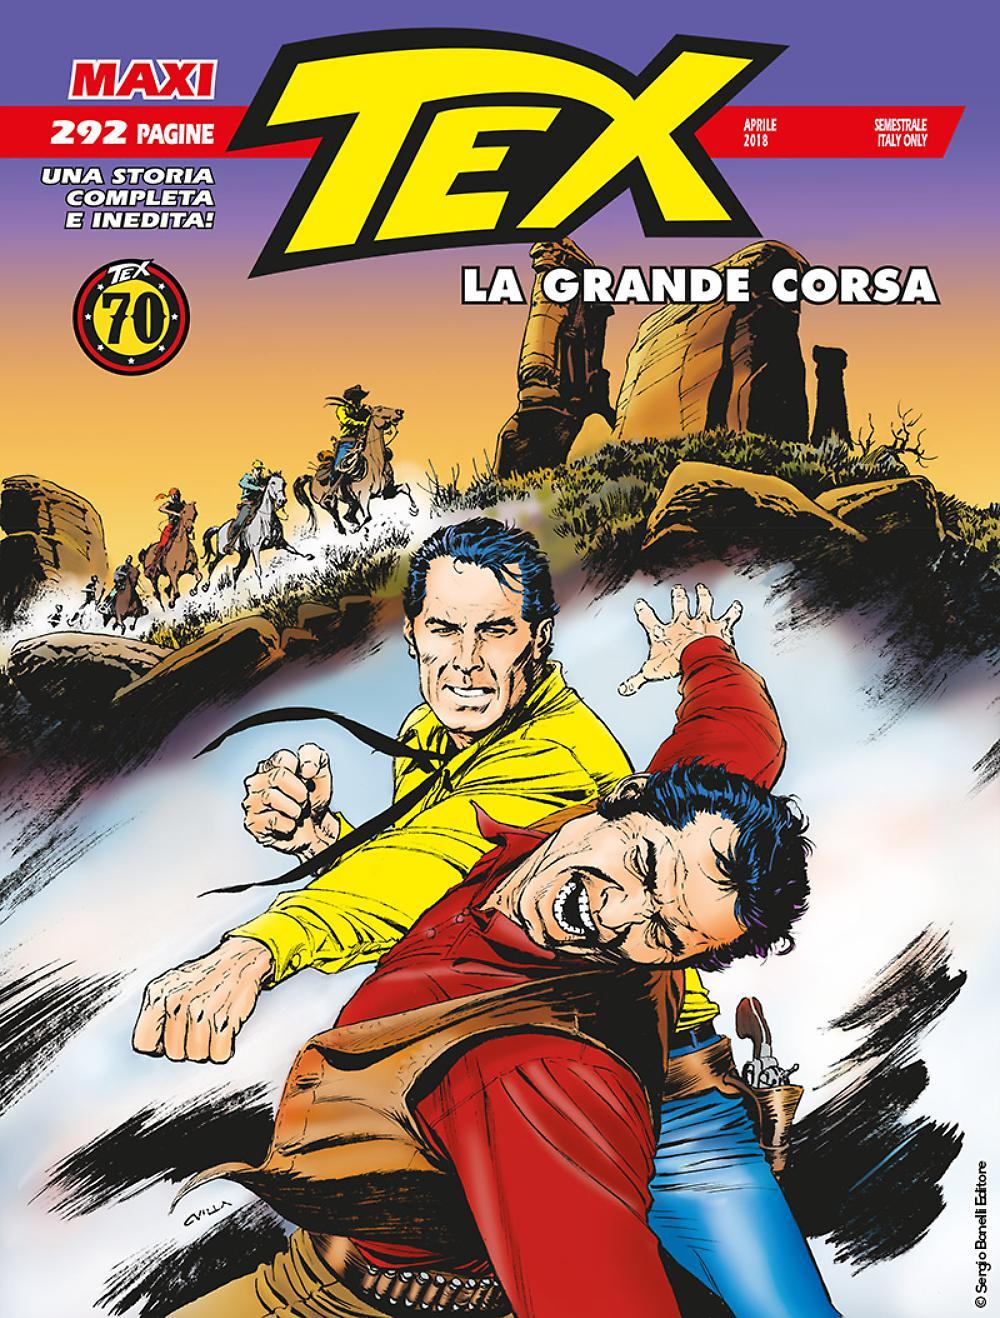 Libri Tex Maxi Vol 22 - La Grande Corsa NUOVO SIGILLATO, EDIZIONE DEL 03/05/2018 SUBITO DISPONIBILE